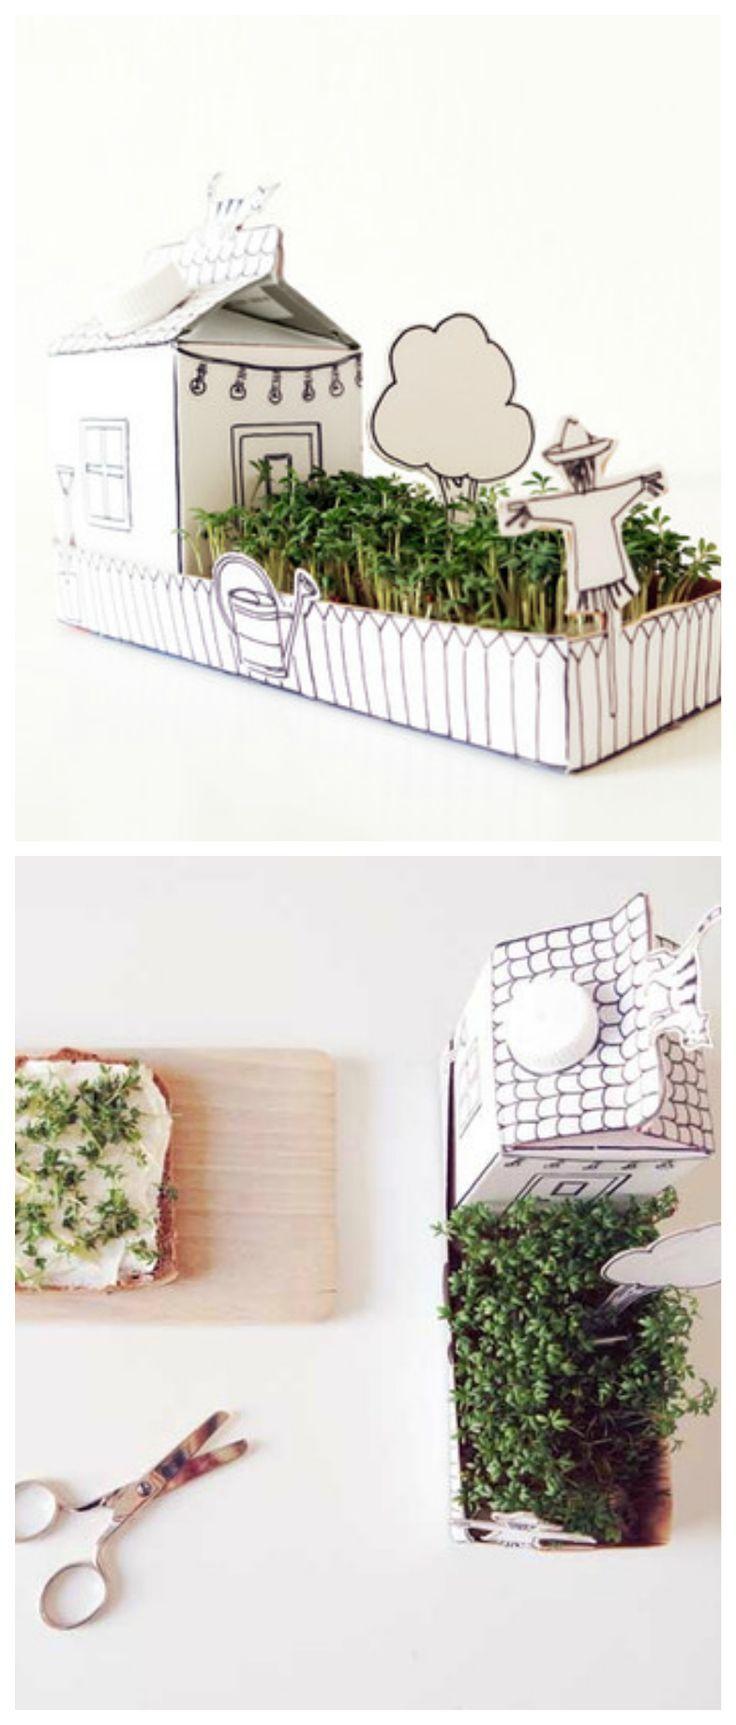 DIY-Kit für ein Papierhaus für einen kleinen Kressegarten/ diy-kit: paper house for a little cress garden made by Parzelle43 via DaWanda.com